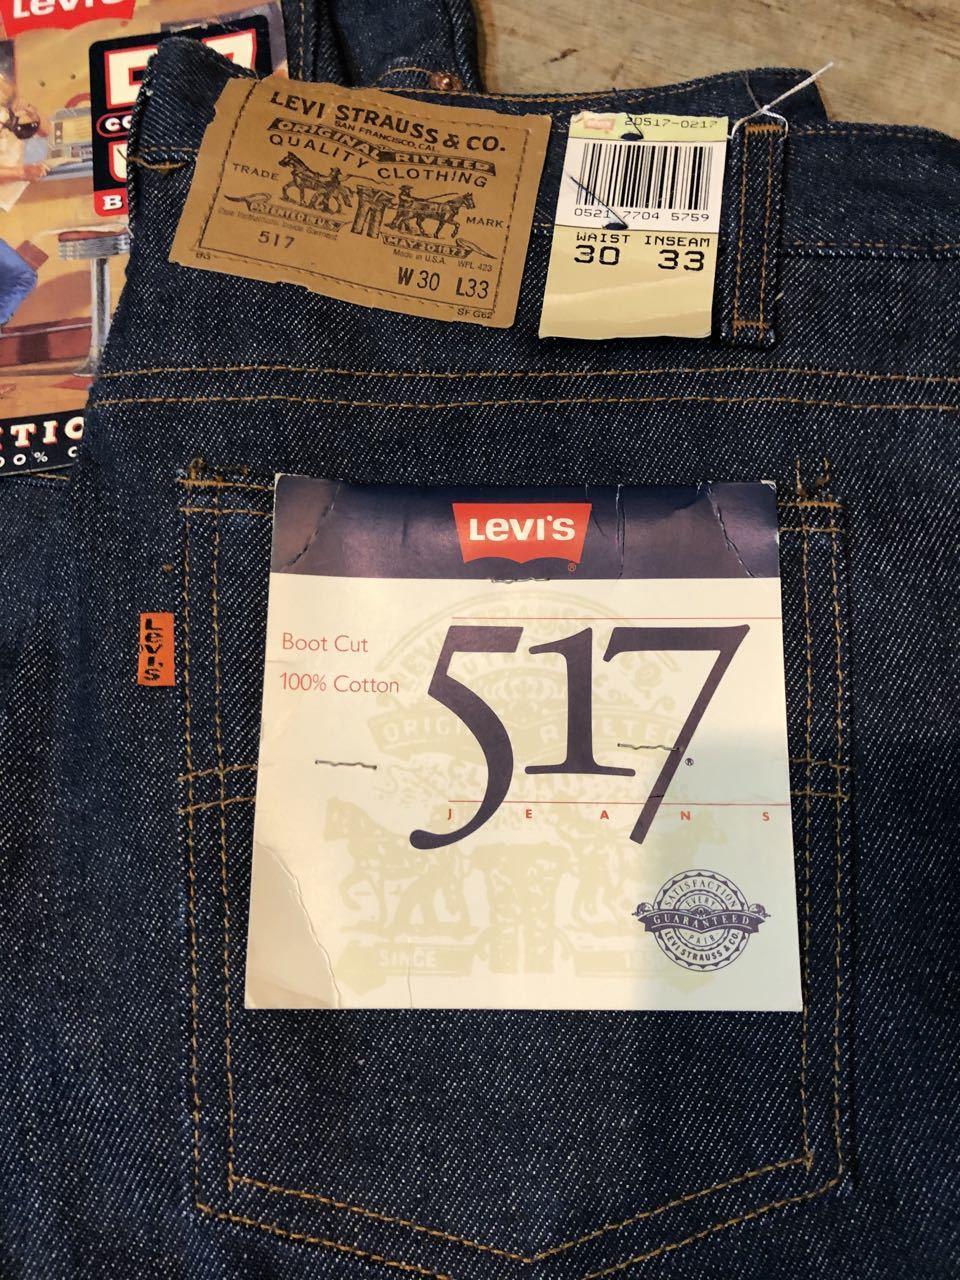 7月11日(土)入荷!80s〜90s デッドストック MADE IN USA Levi\'s 517 boots cut Jeans / 517 ブーツカット!_c0144020_13491806.jpg